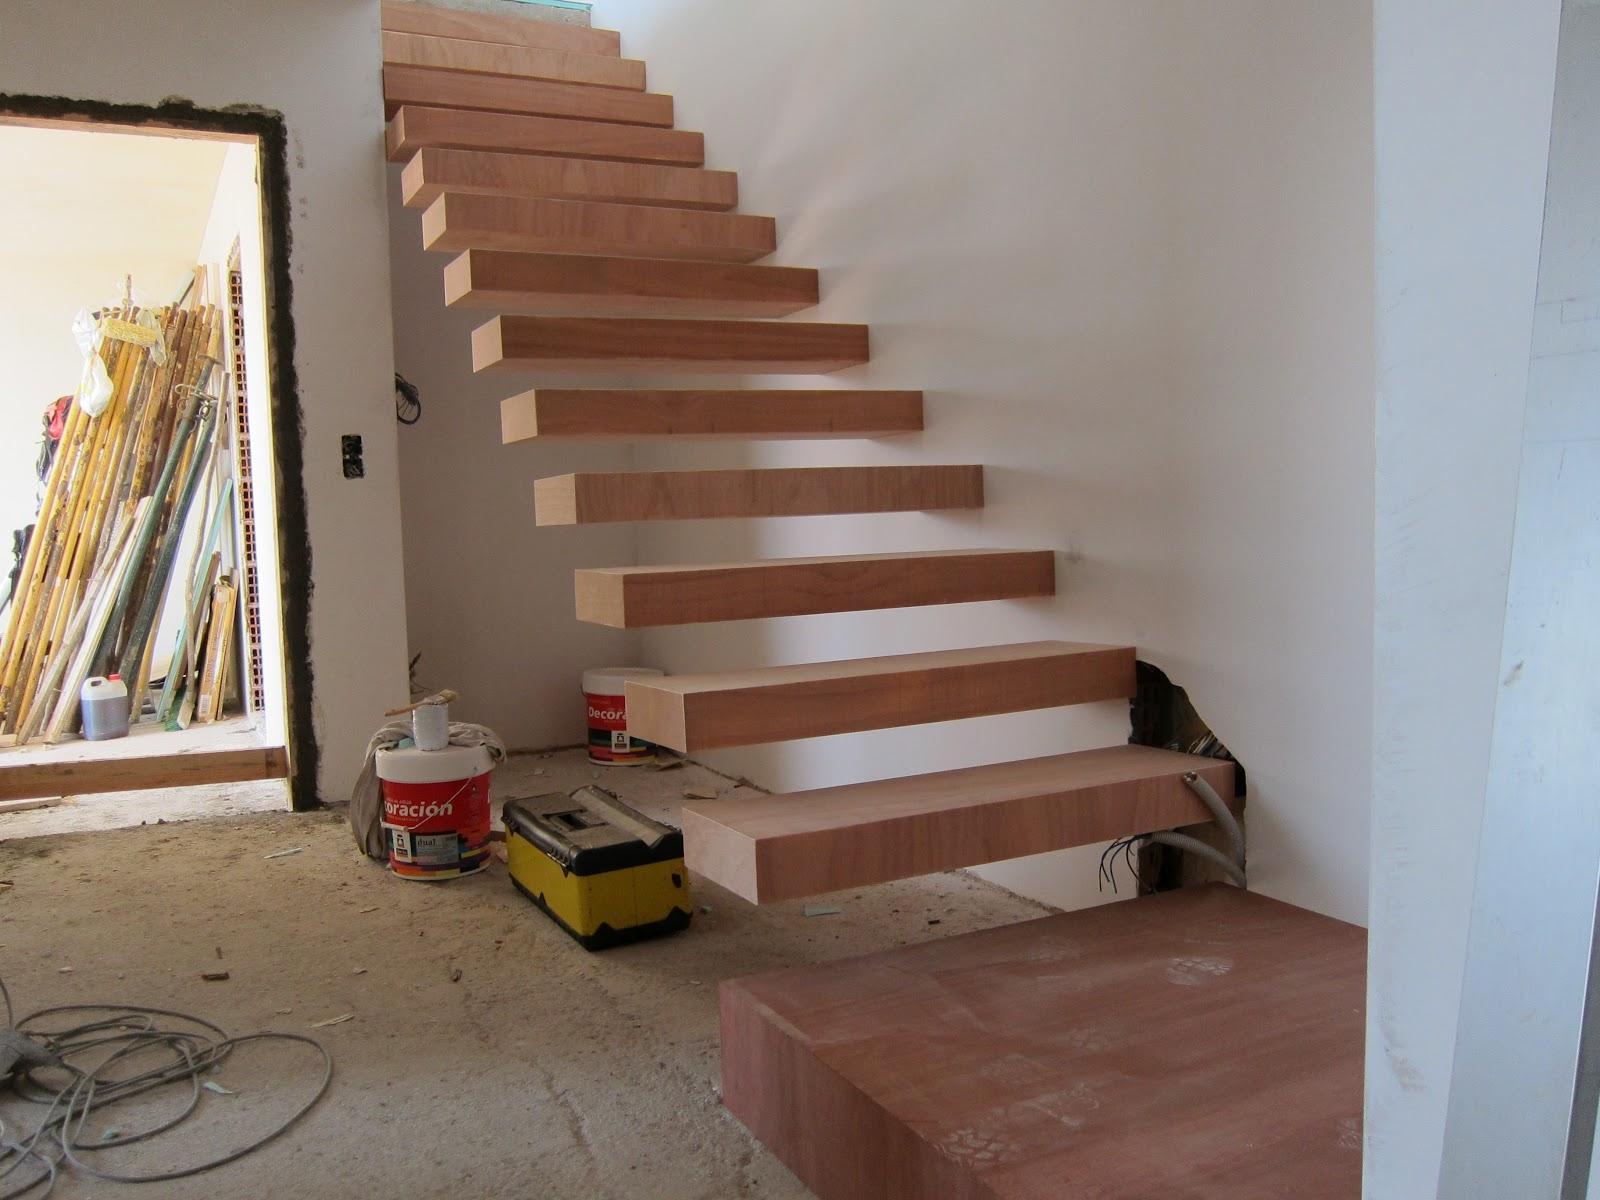 Carpinter a y toneler a escalera al aire - Escaleras con peldanos de madera ...